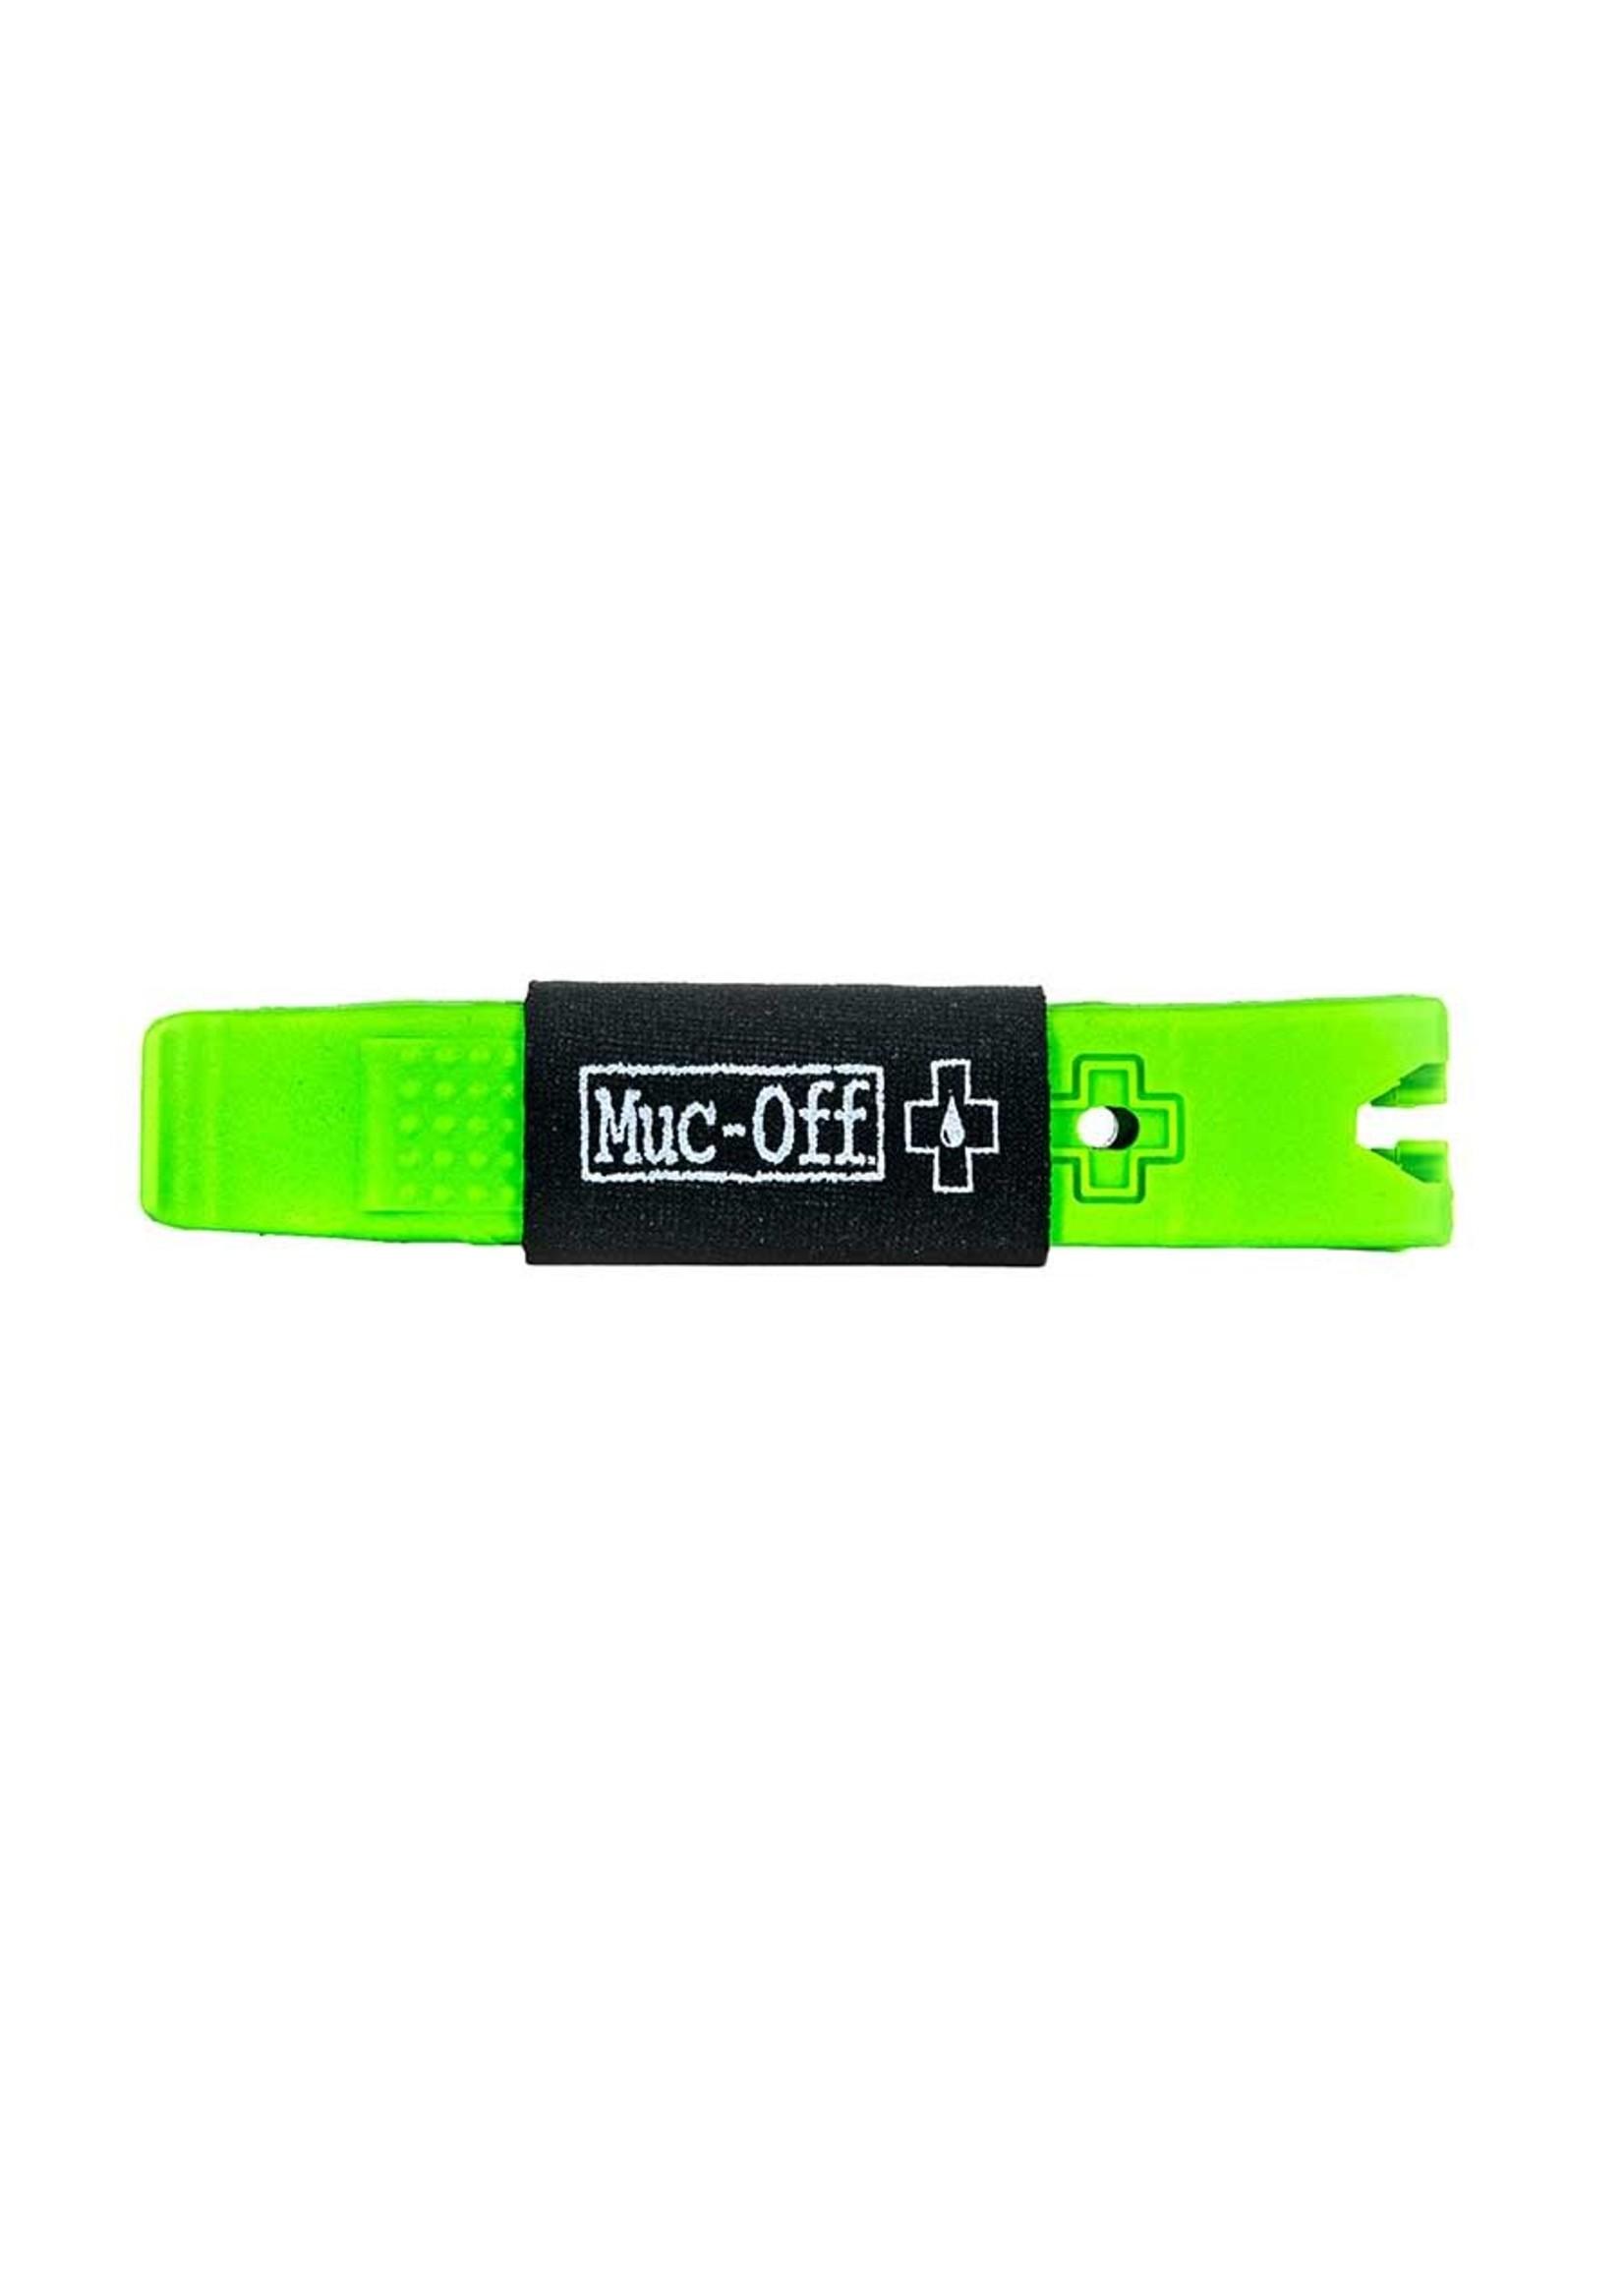 Muc-Off MUC-OFF DÉMONTE PNEU VERT (2)